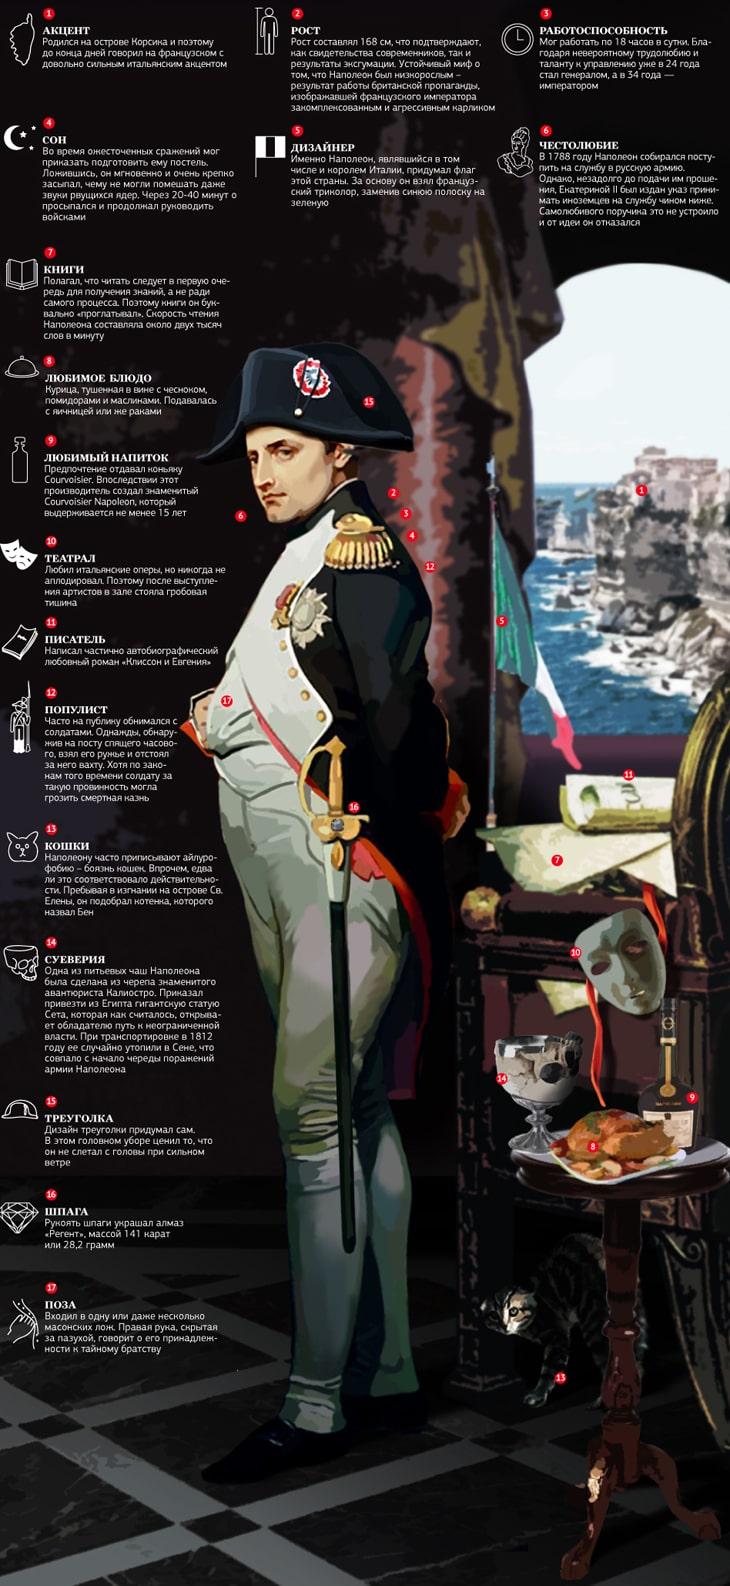 Napoleon-Bonapart-osobyie-primetyi